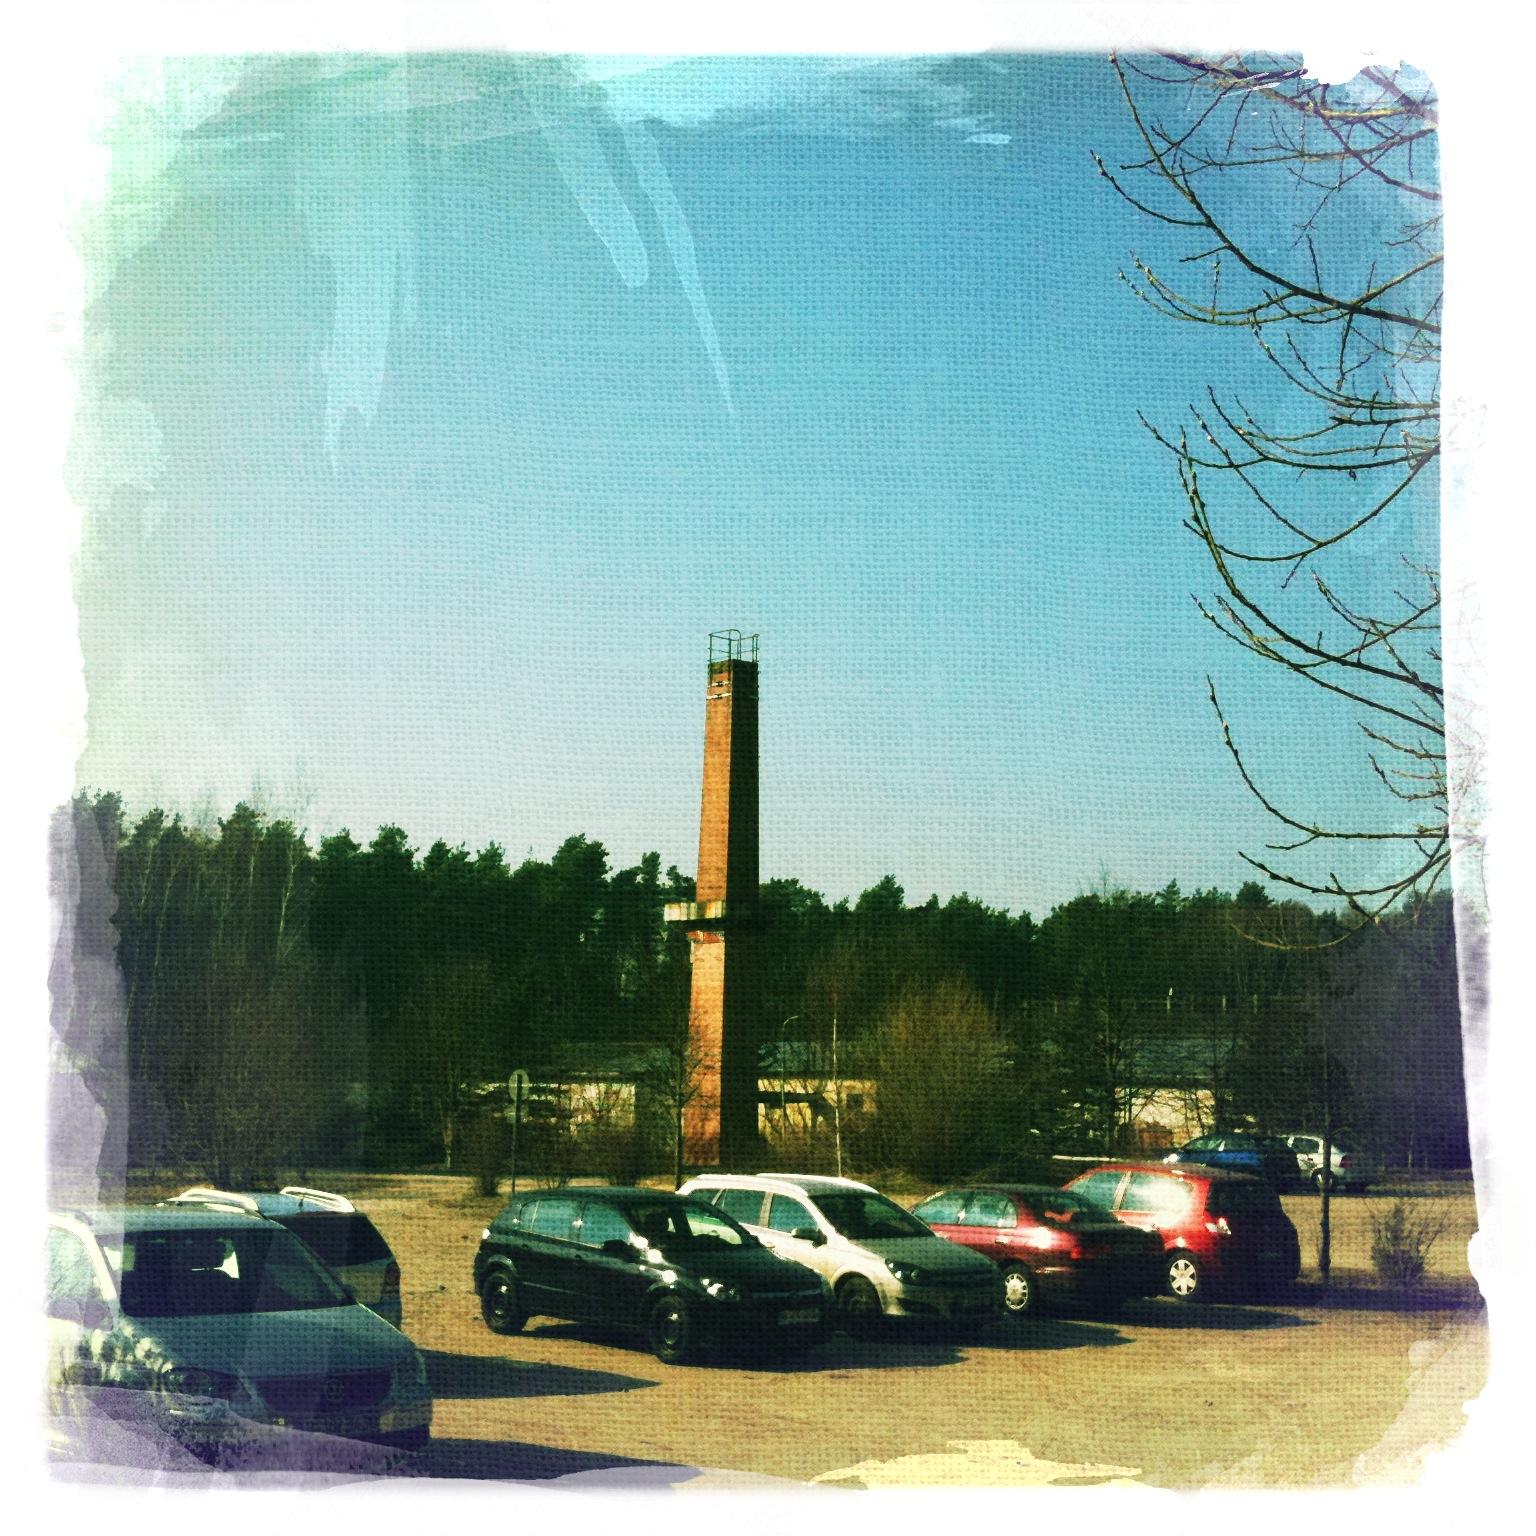 Wildpark Schorfheide Parkplatz